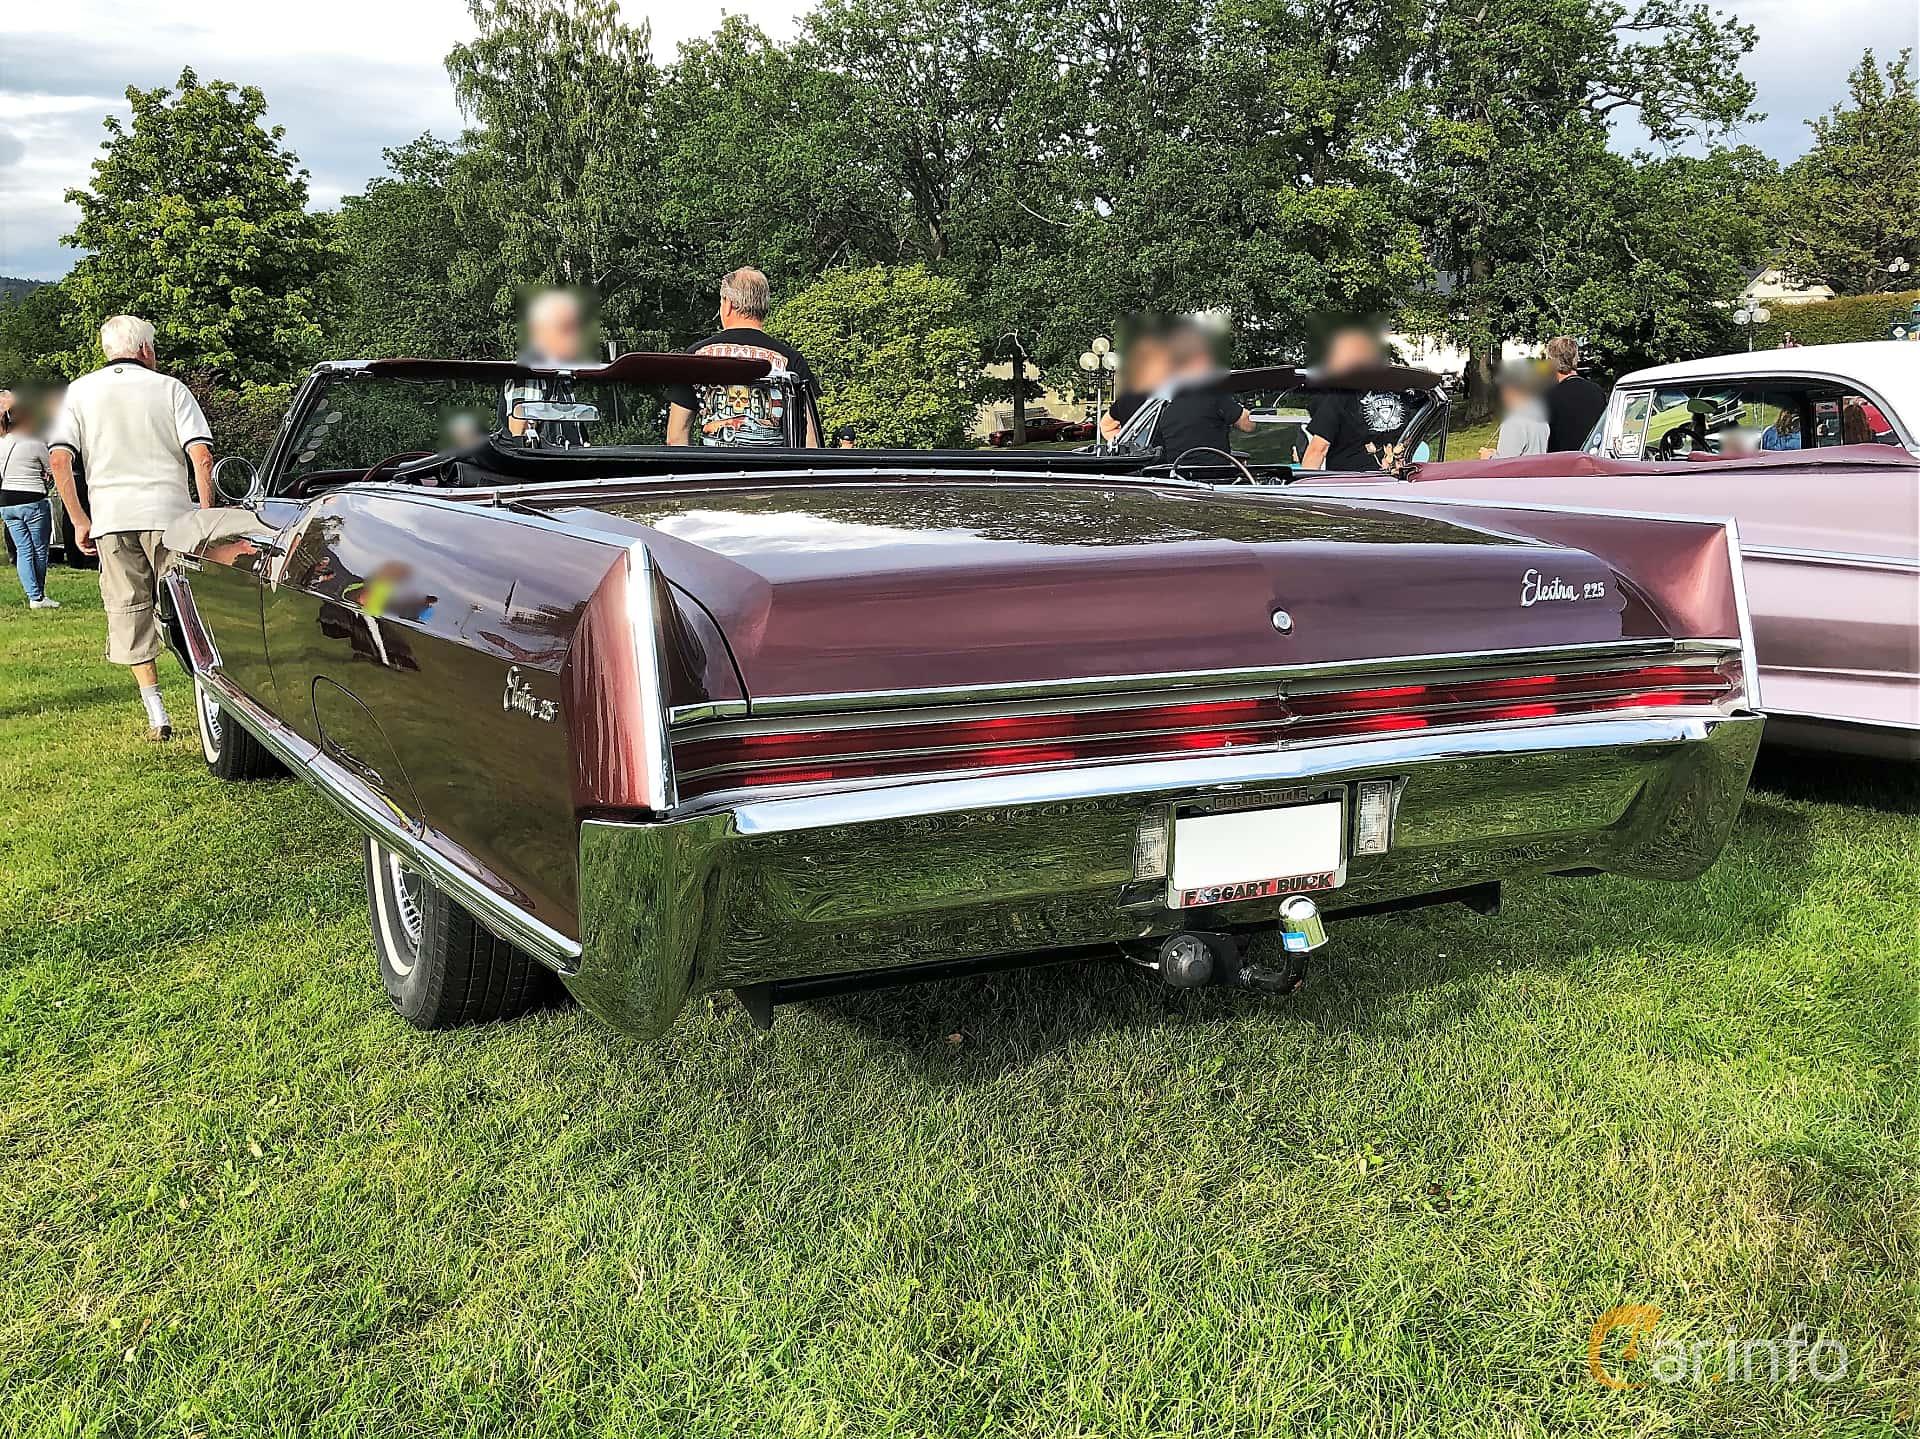 Buick Electra 225 Custom Convertible 7.0 V8 Automatic, 345hp, 1966 at Bil & MC-träffar i Huskvarna Folkets Park 2019 vecka 32 tema Hot Rods